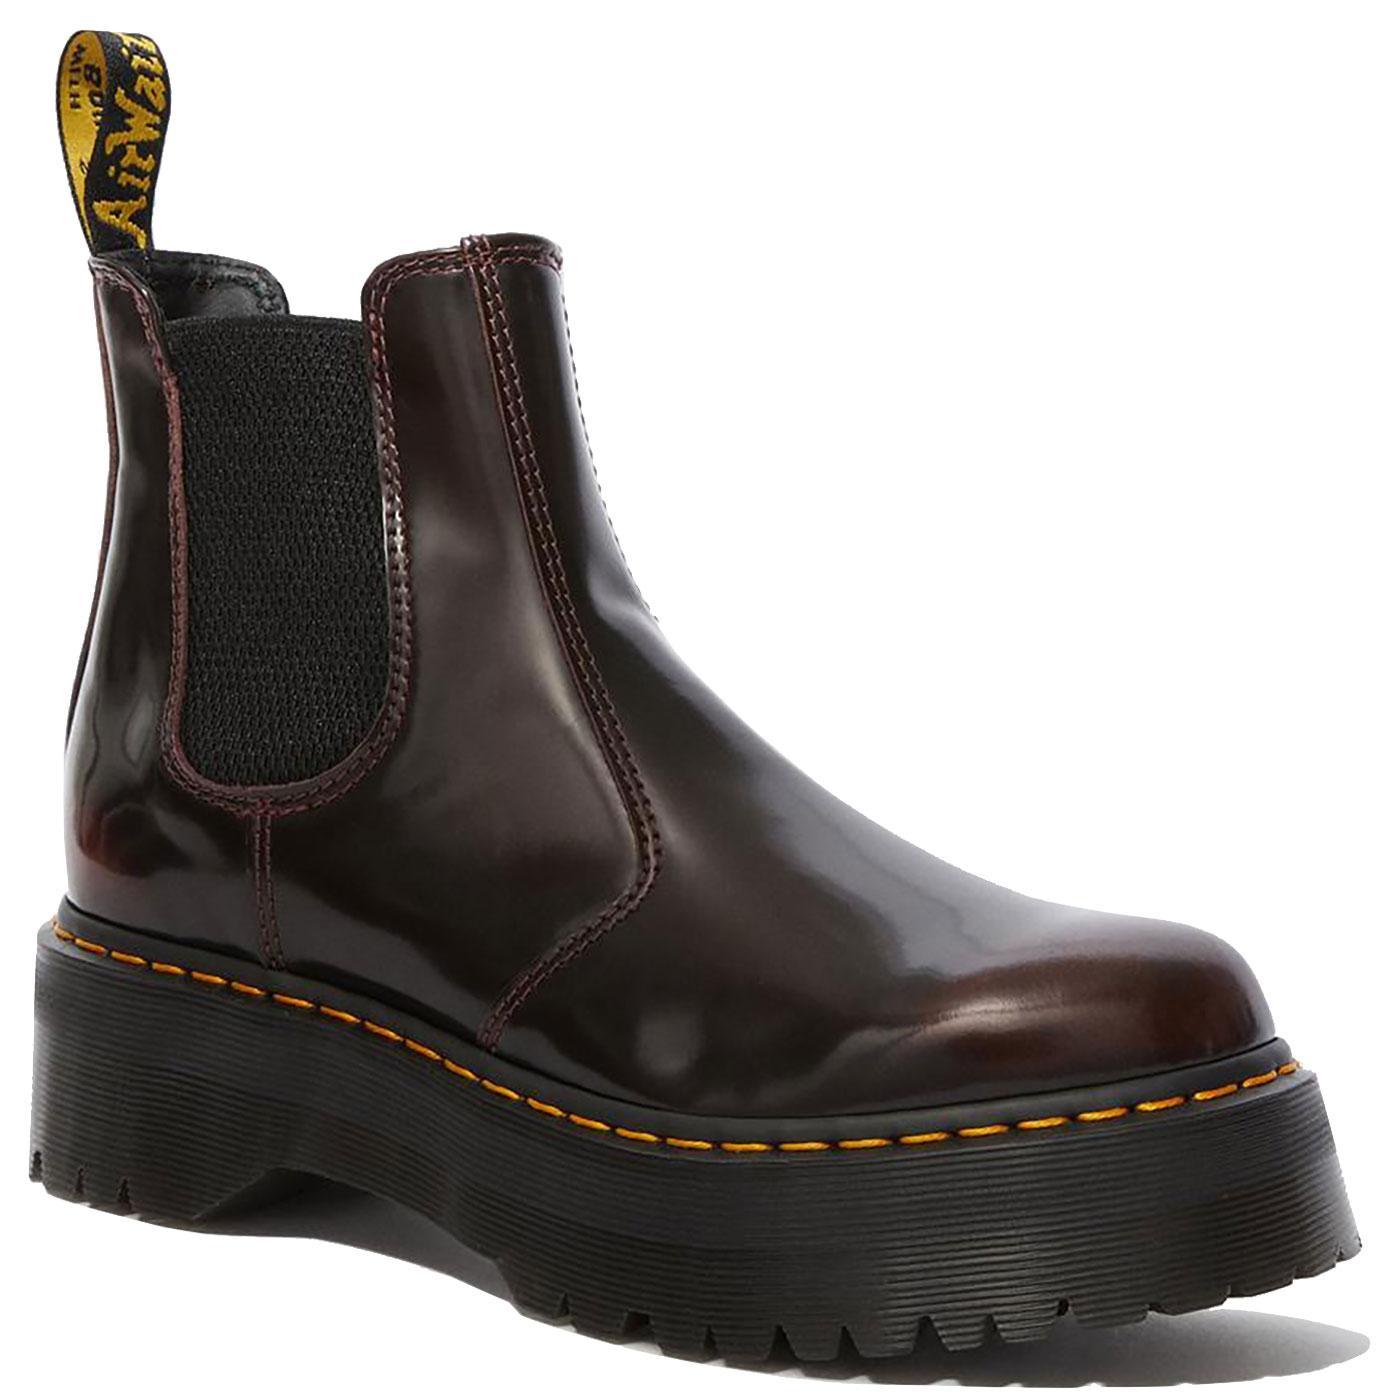 2976 Quad DR MARTENS Women's Platform Boots CHERRY